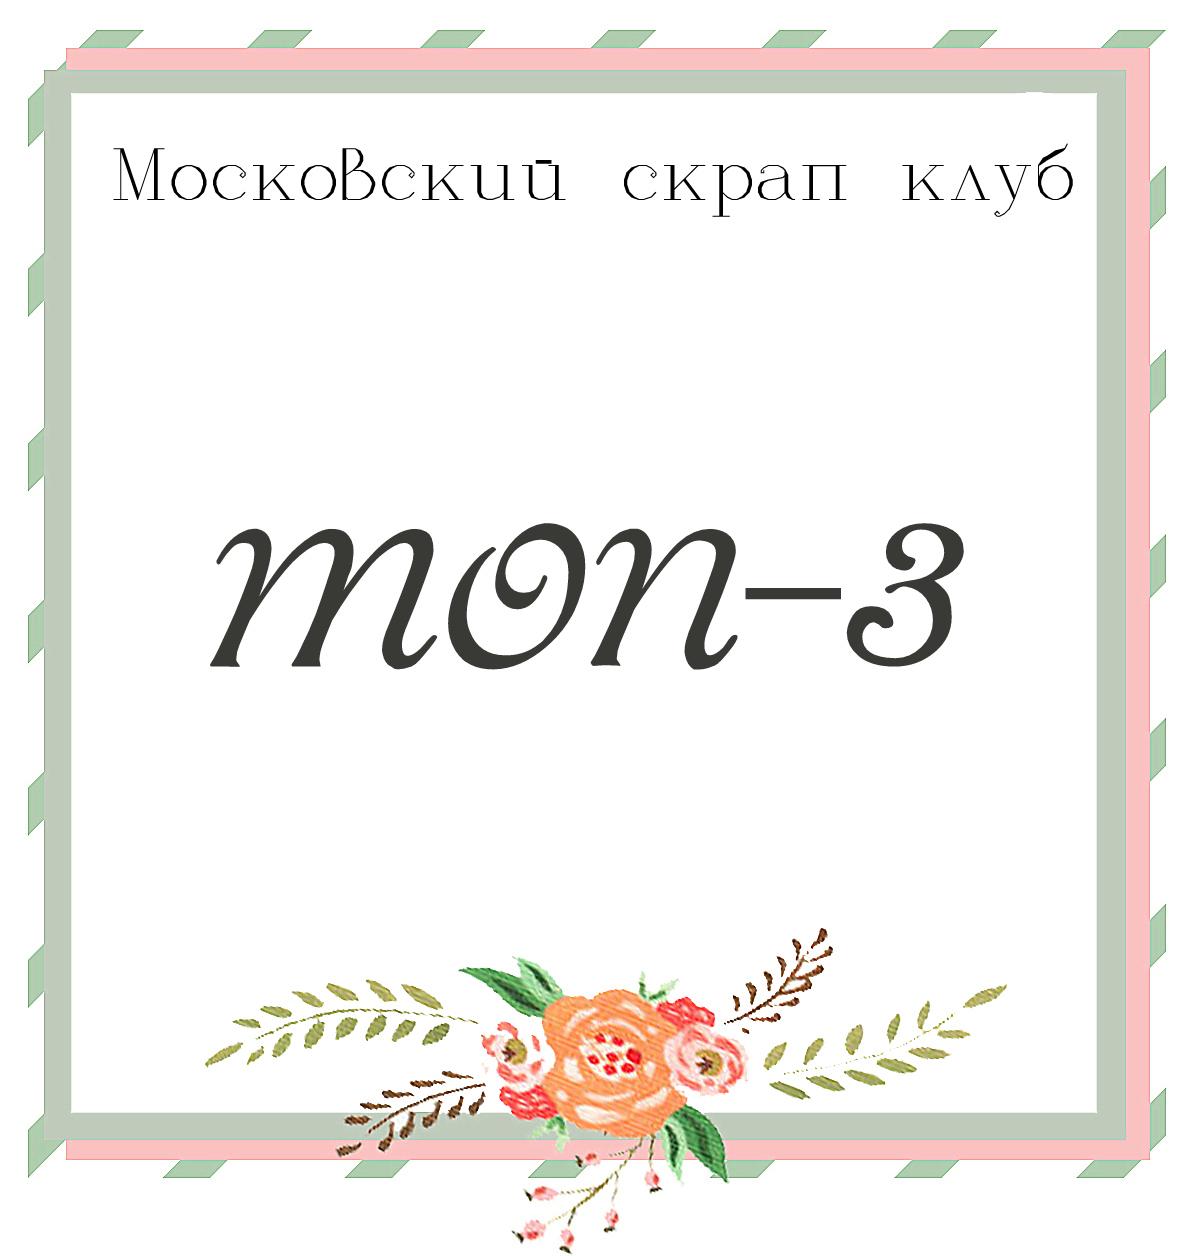 ТОП 3 в МСК